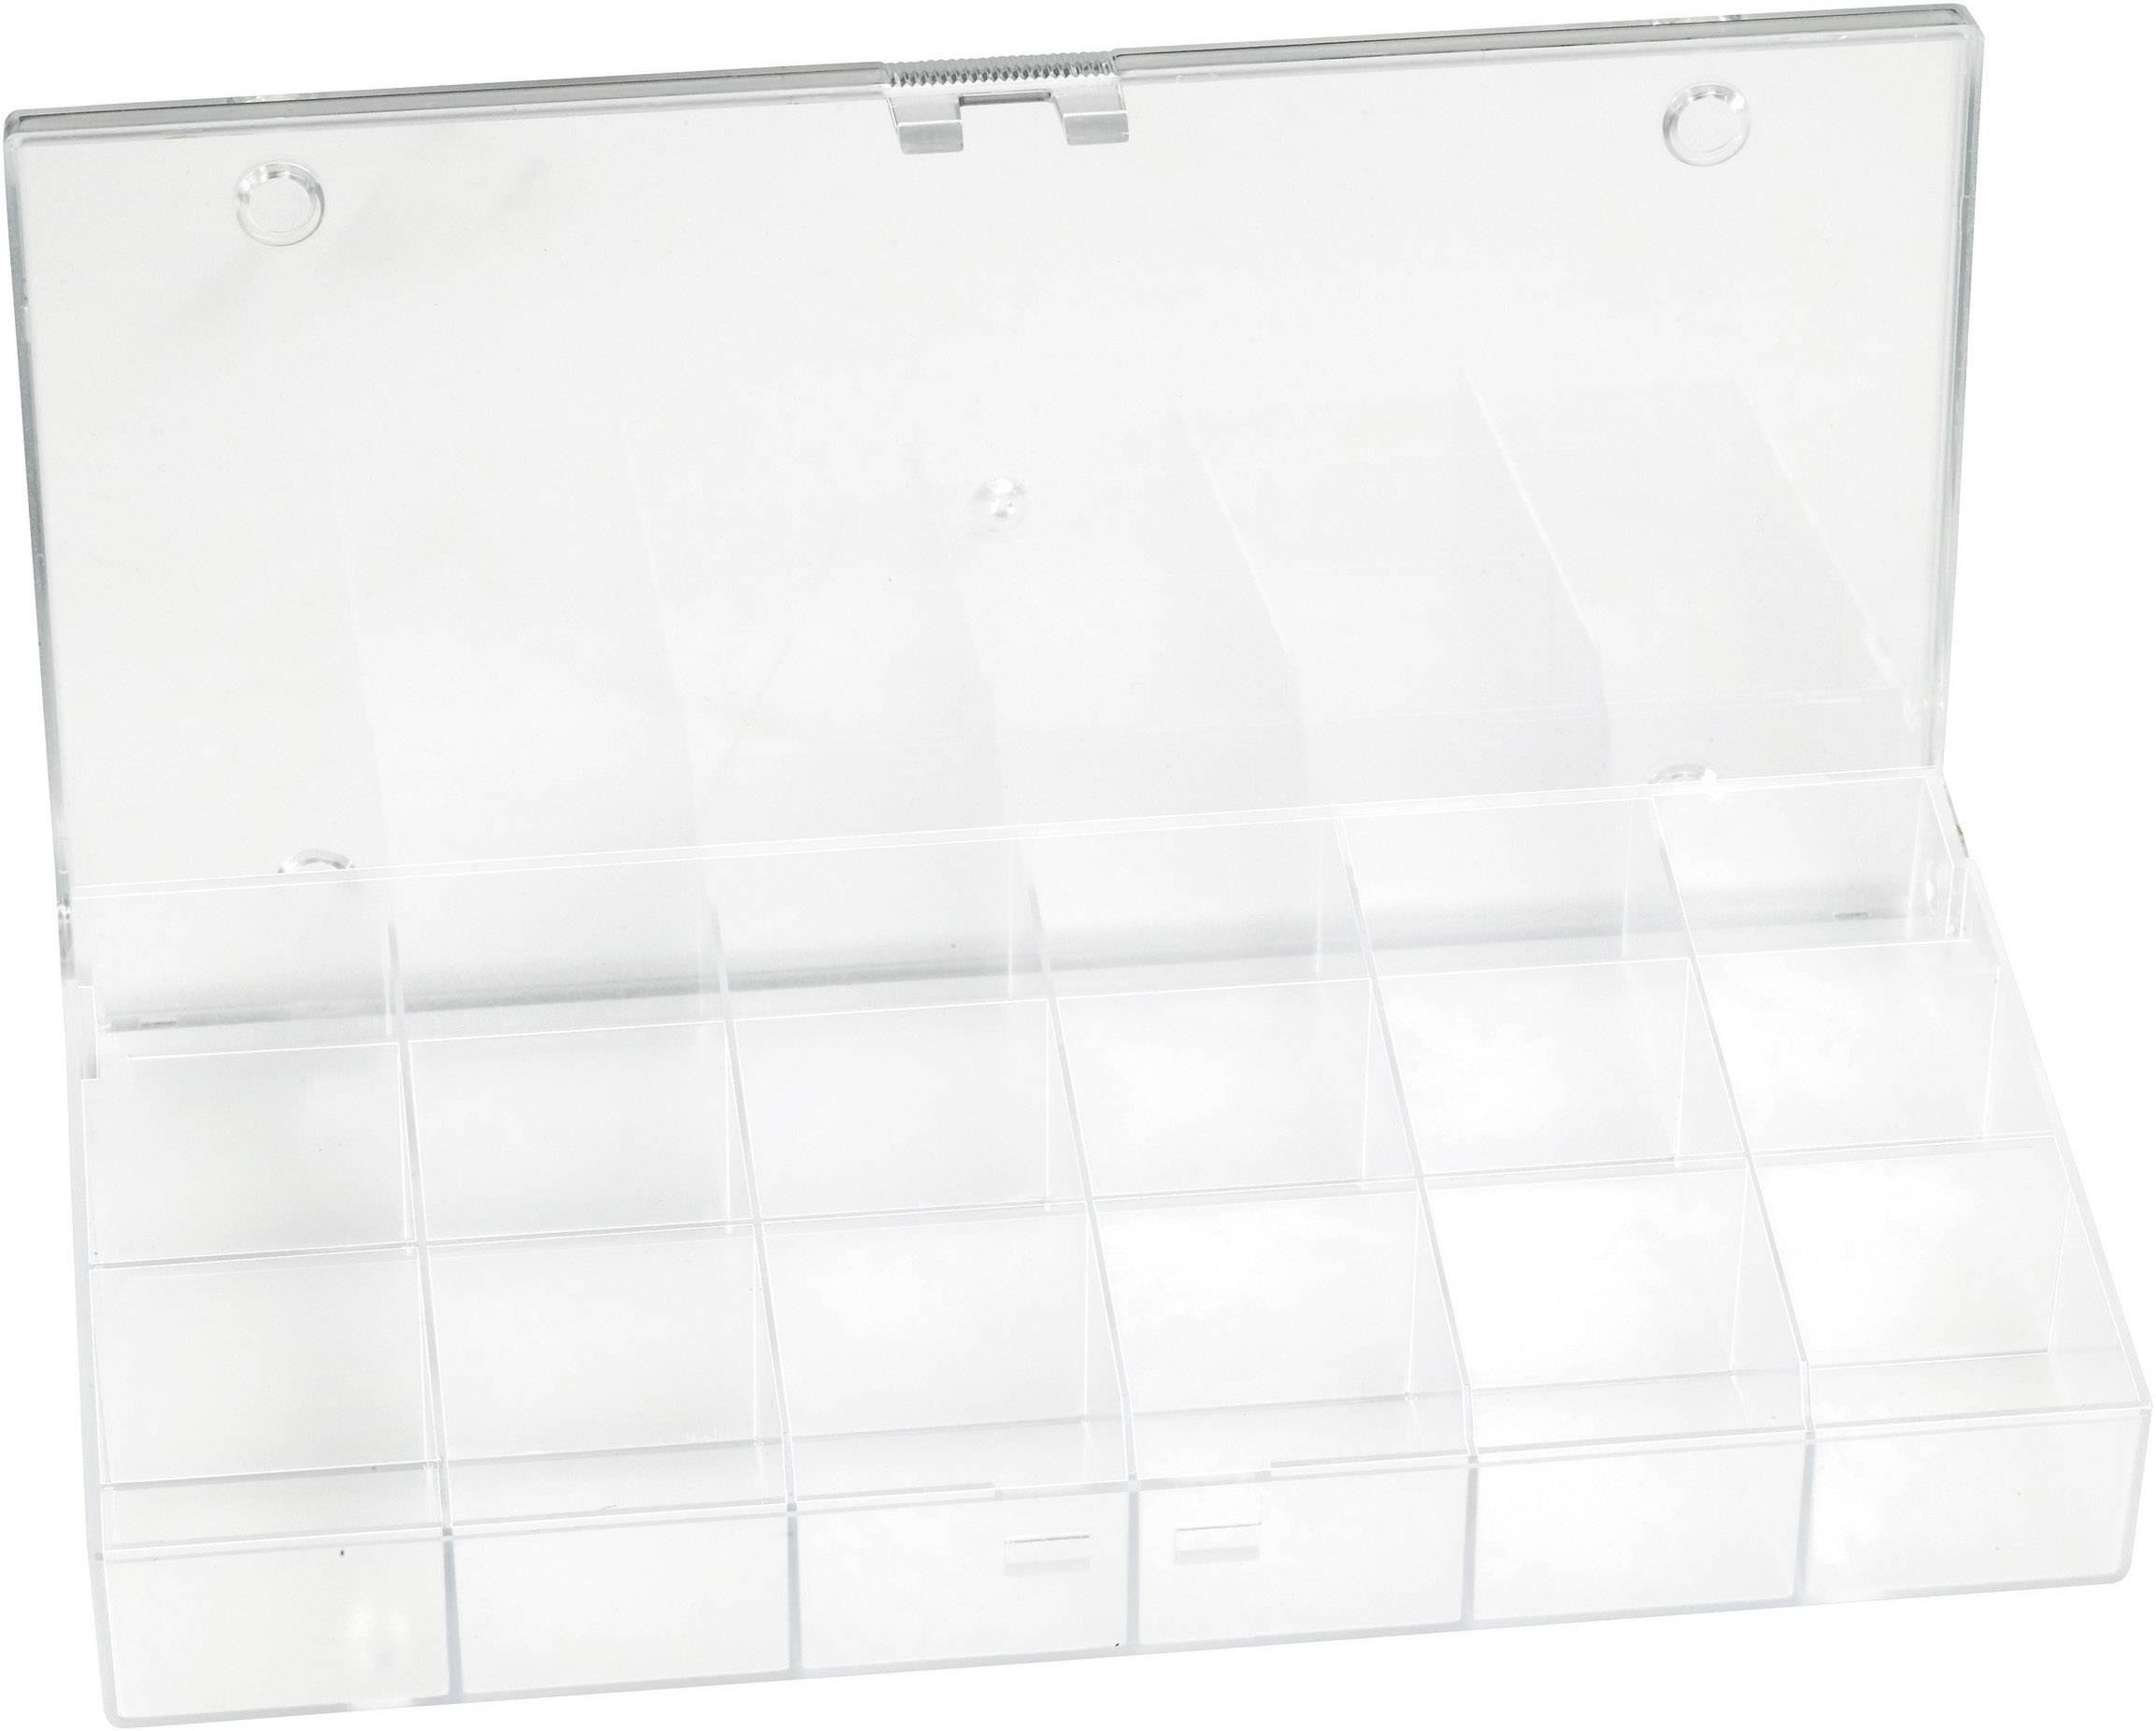 Krabička na drobné súčiastky 814719, priečinkov: 18, 194 x 31 x 101 , priehľadná